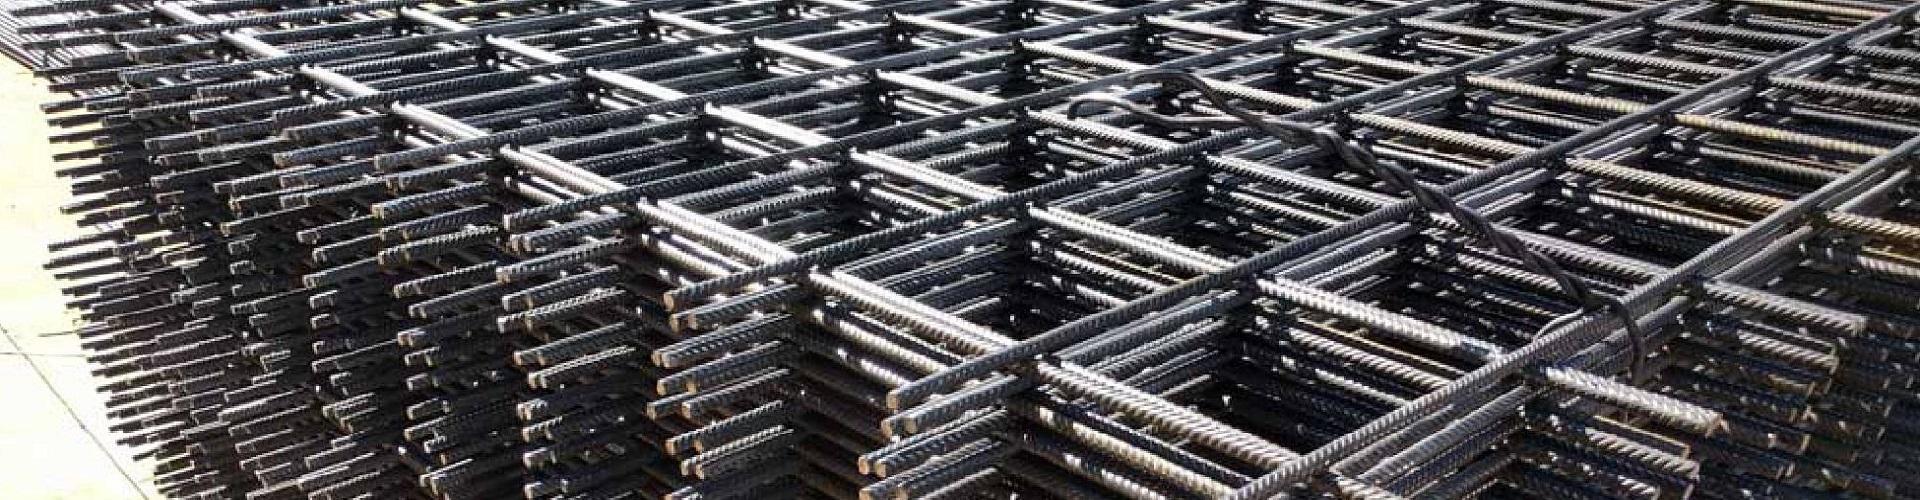 Prezzo Del Ferro Per Edilizia ferro per l'edilizia torino